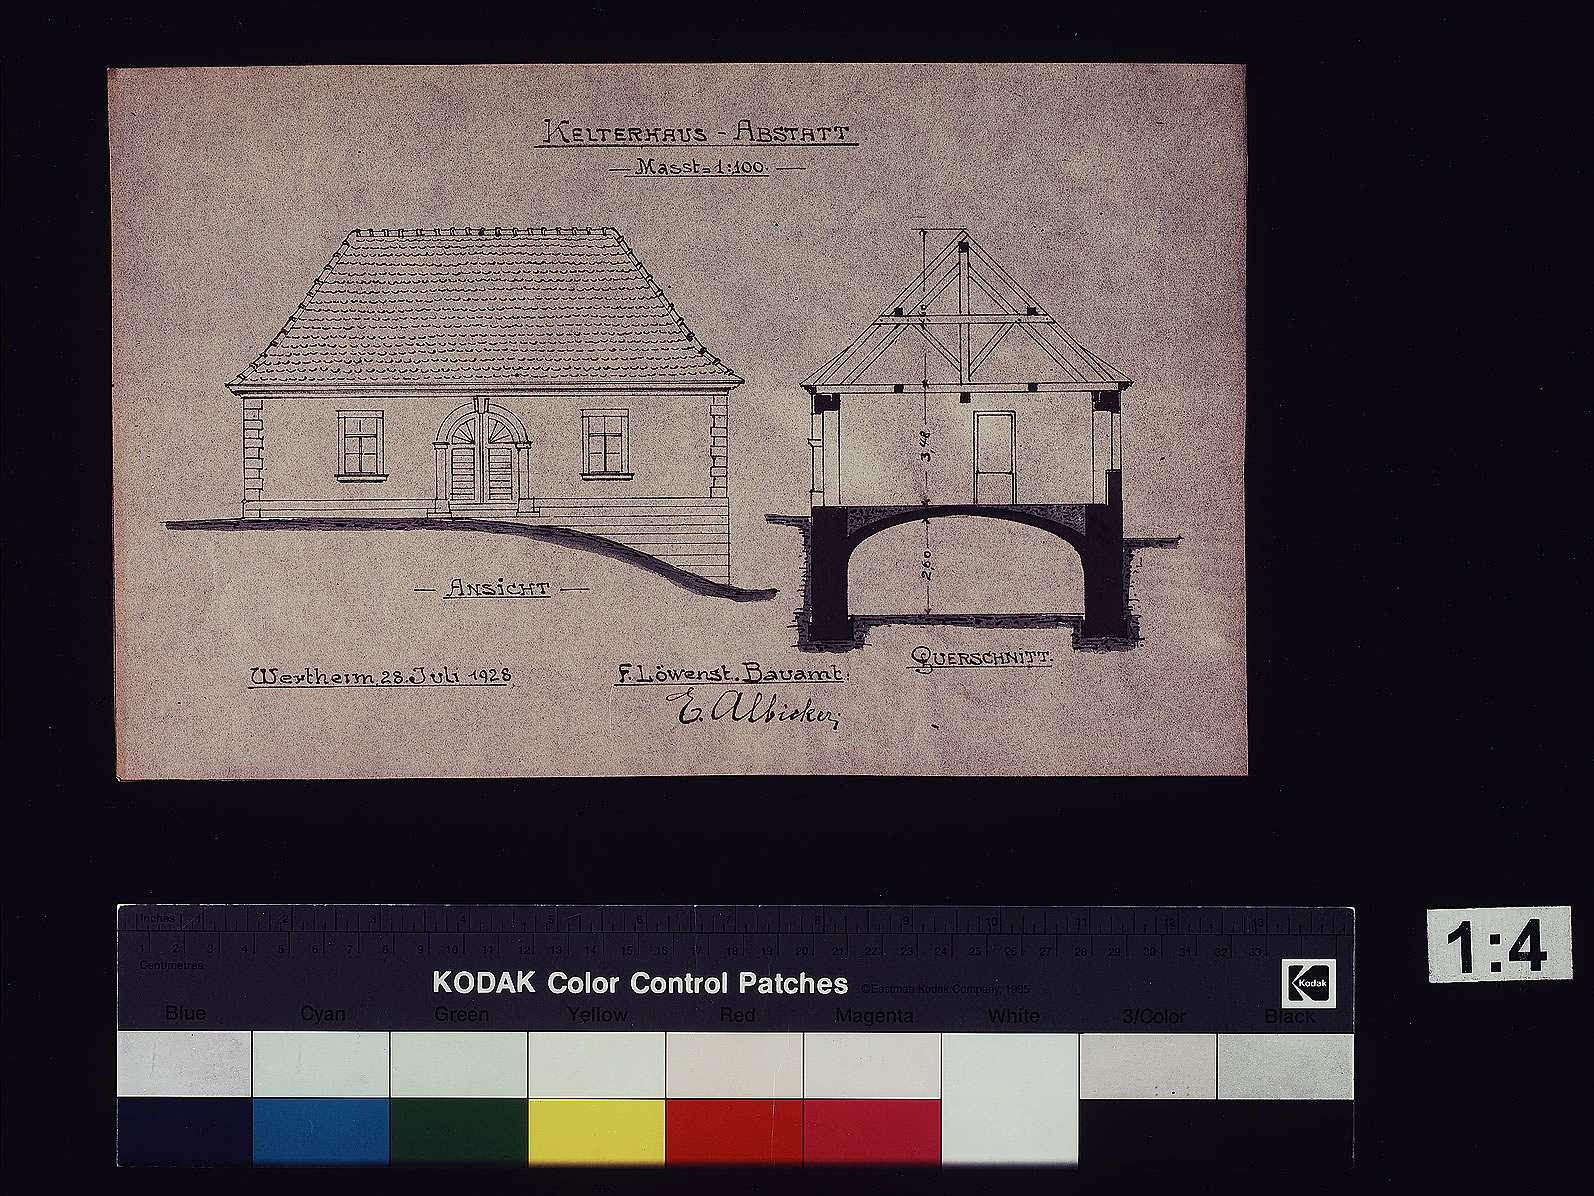 Kelterhaus Abstatt, Bild 1